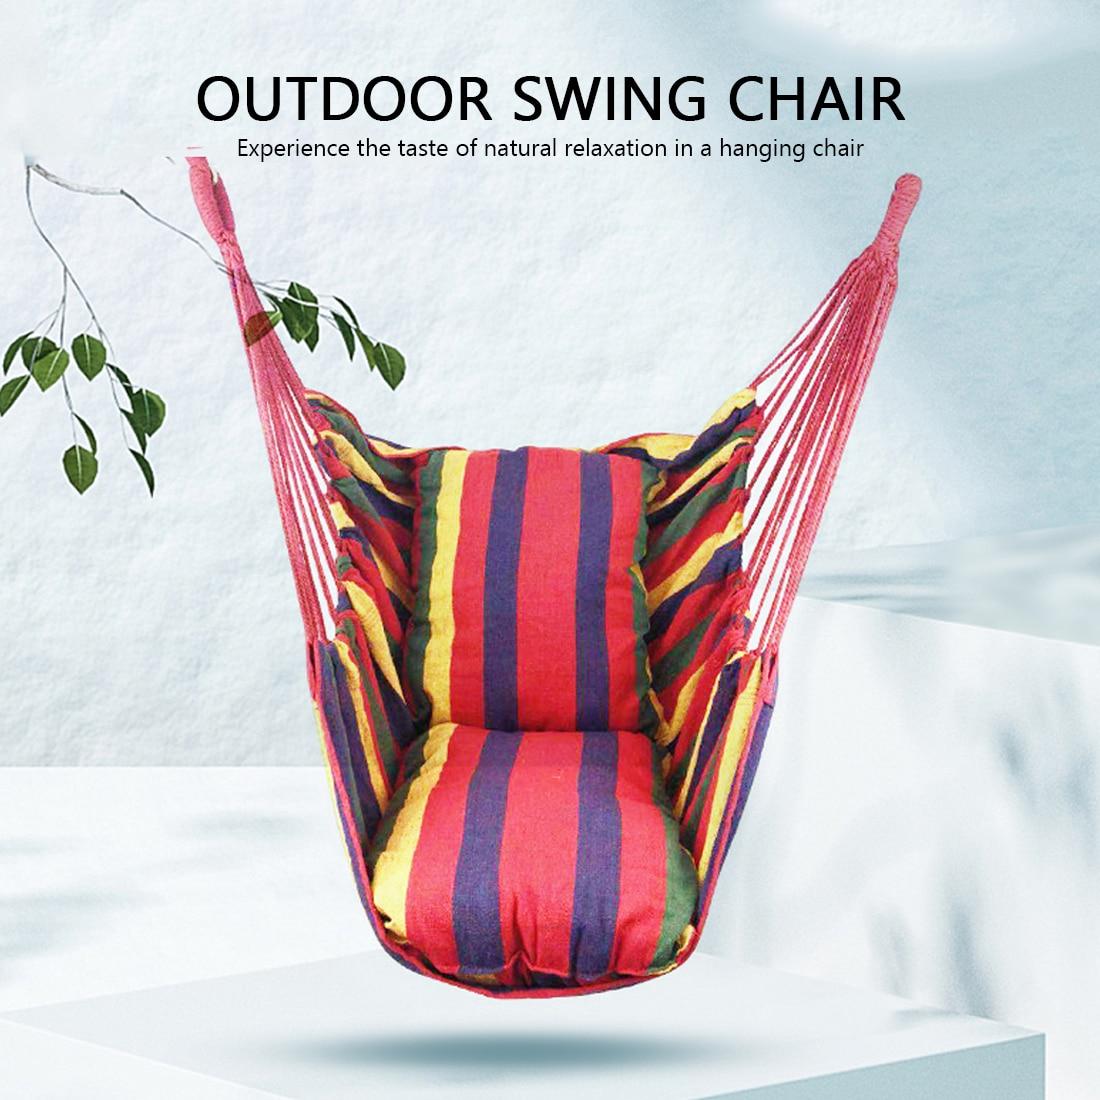 Уличное кресло-качели, гамак, утолщенное портативное холщовое качели для отдыха, путешествий, кемпинга, легкое складное кресло для хранения